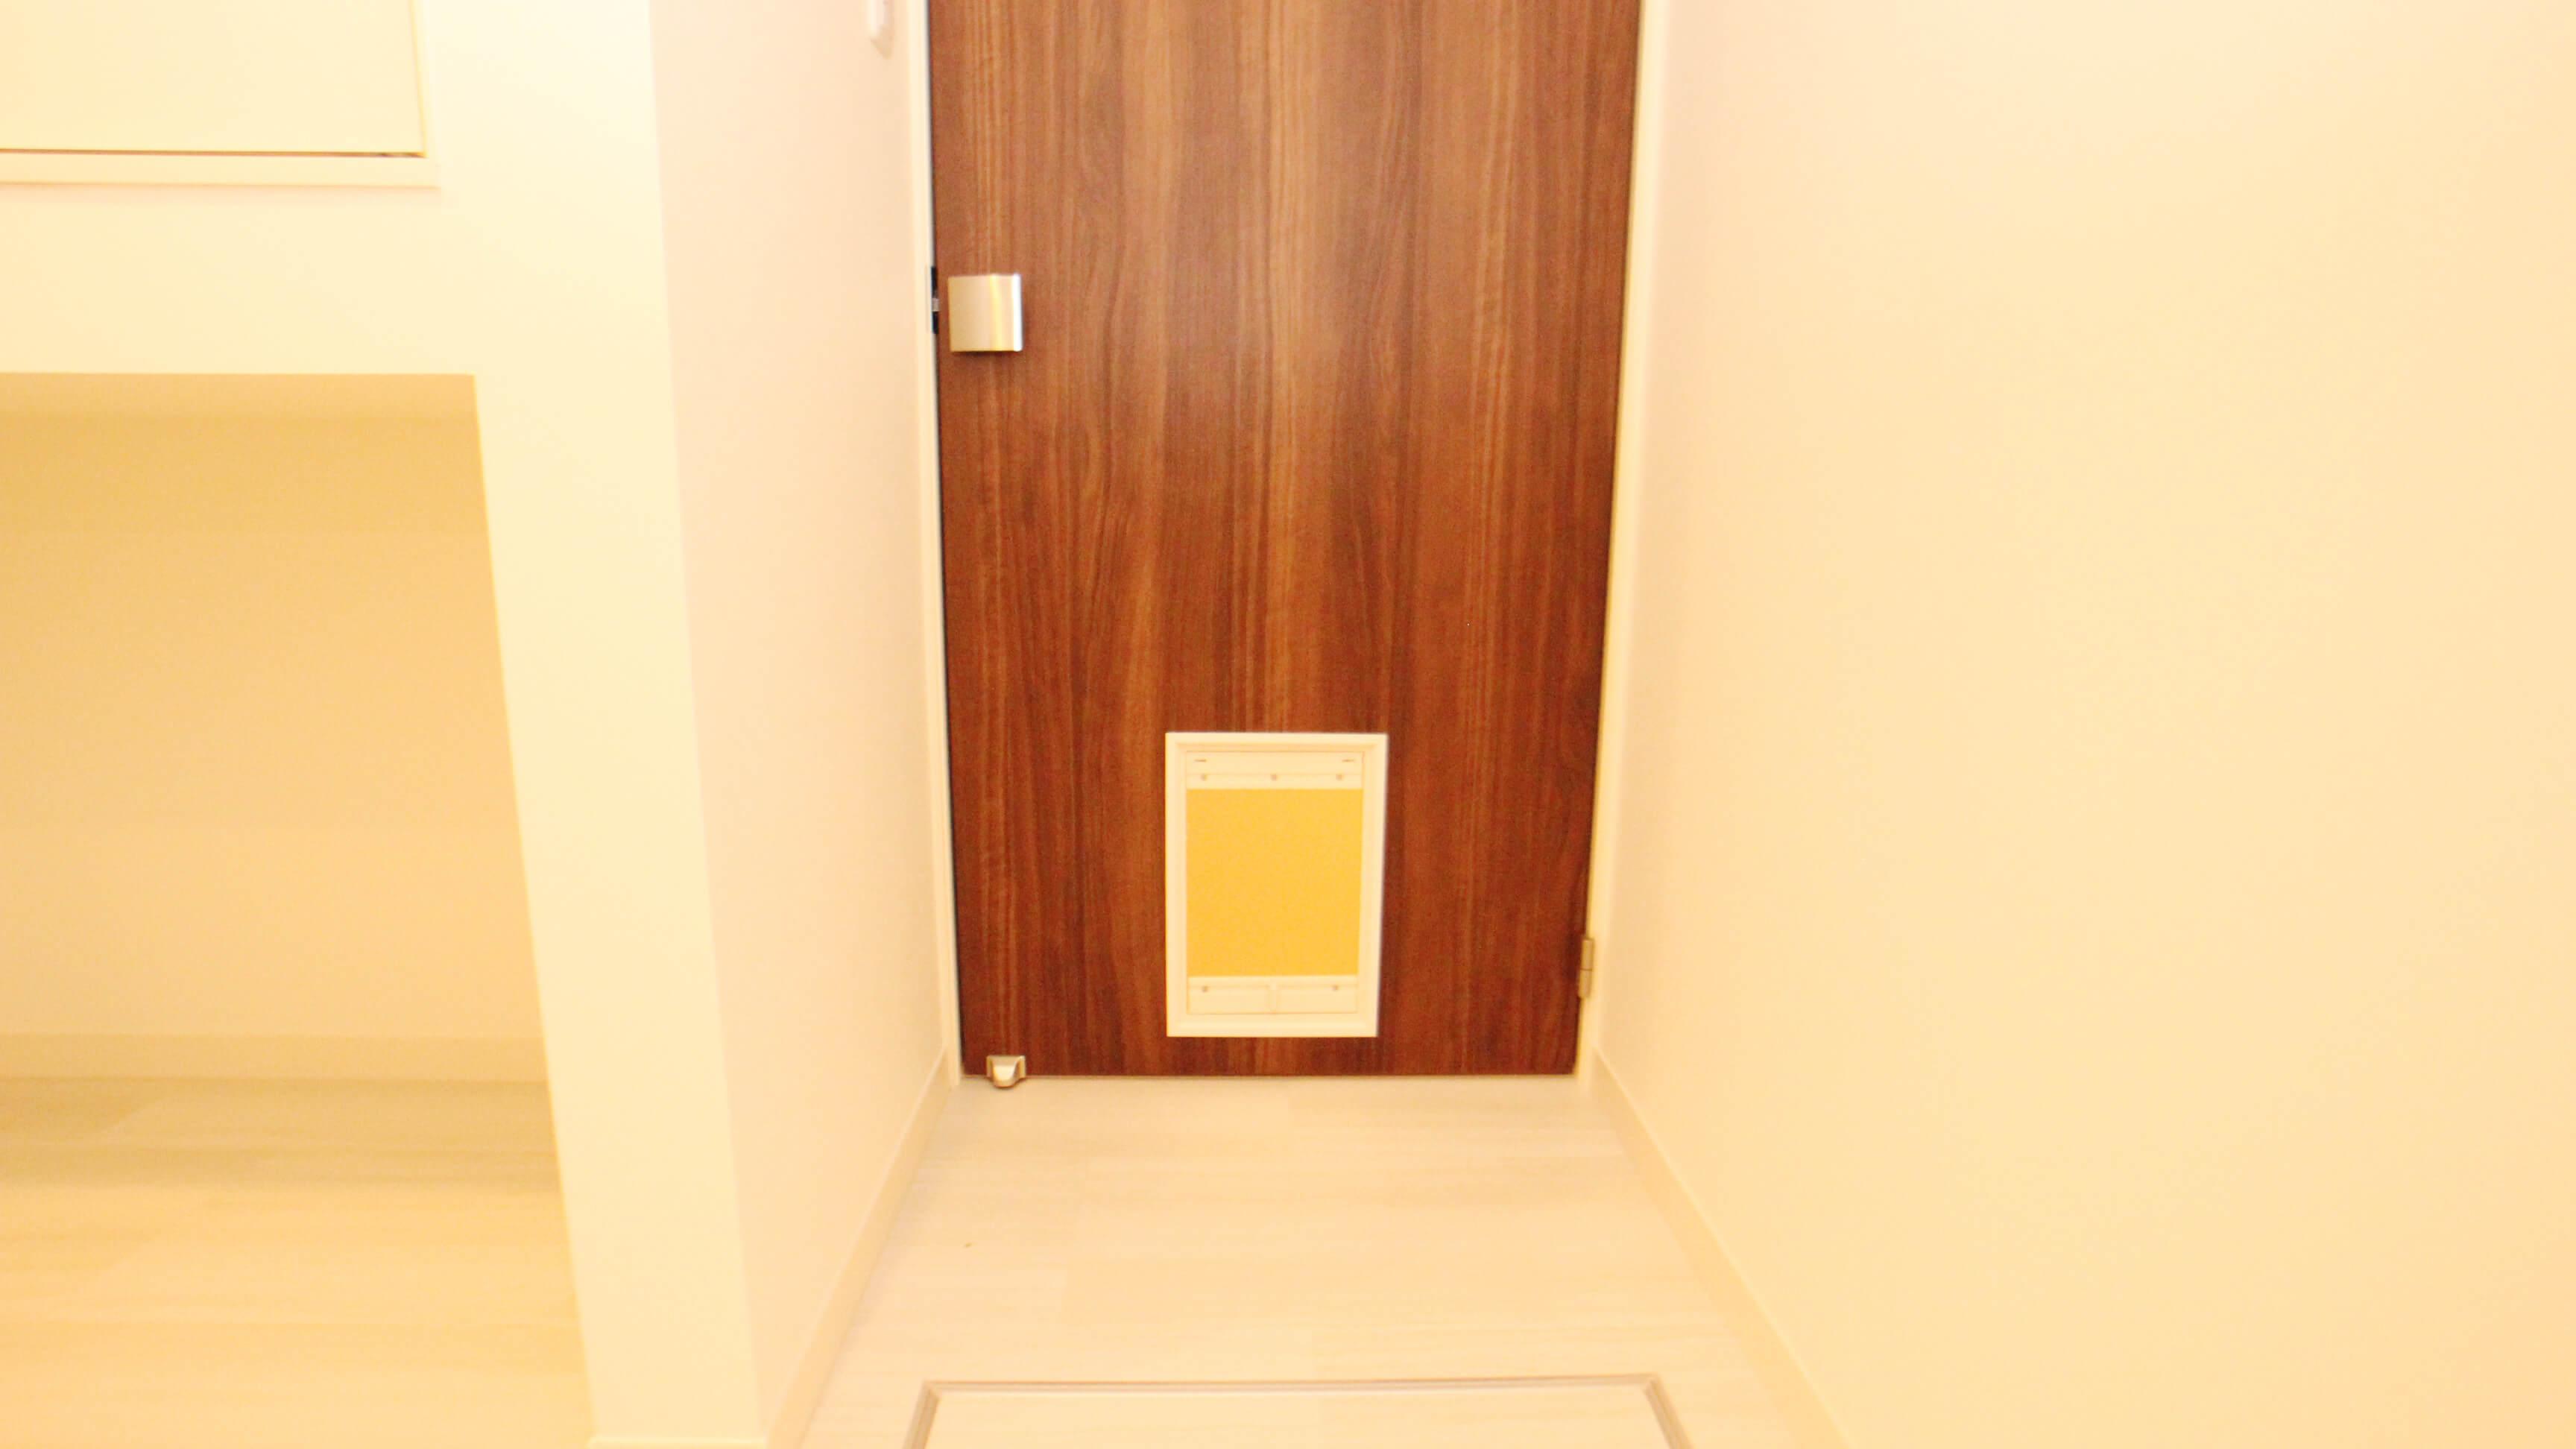 バスルームへの入り口にはもちろんネコドアあり。ソフトなタイプです。ネコさんも自由におトイレへ行き来できます。